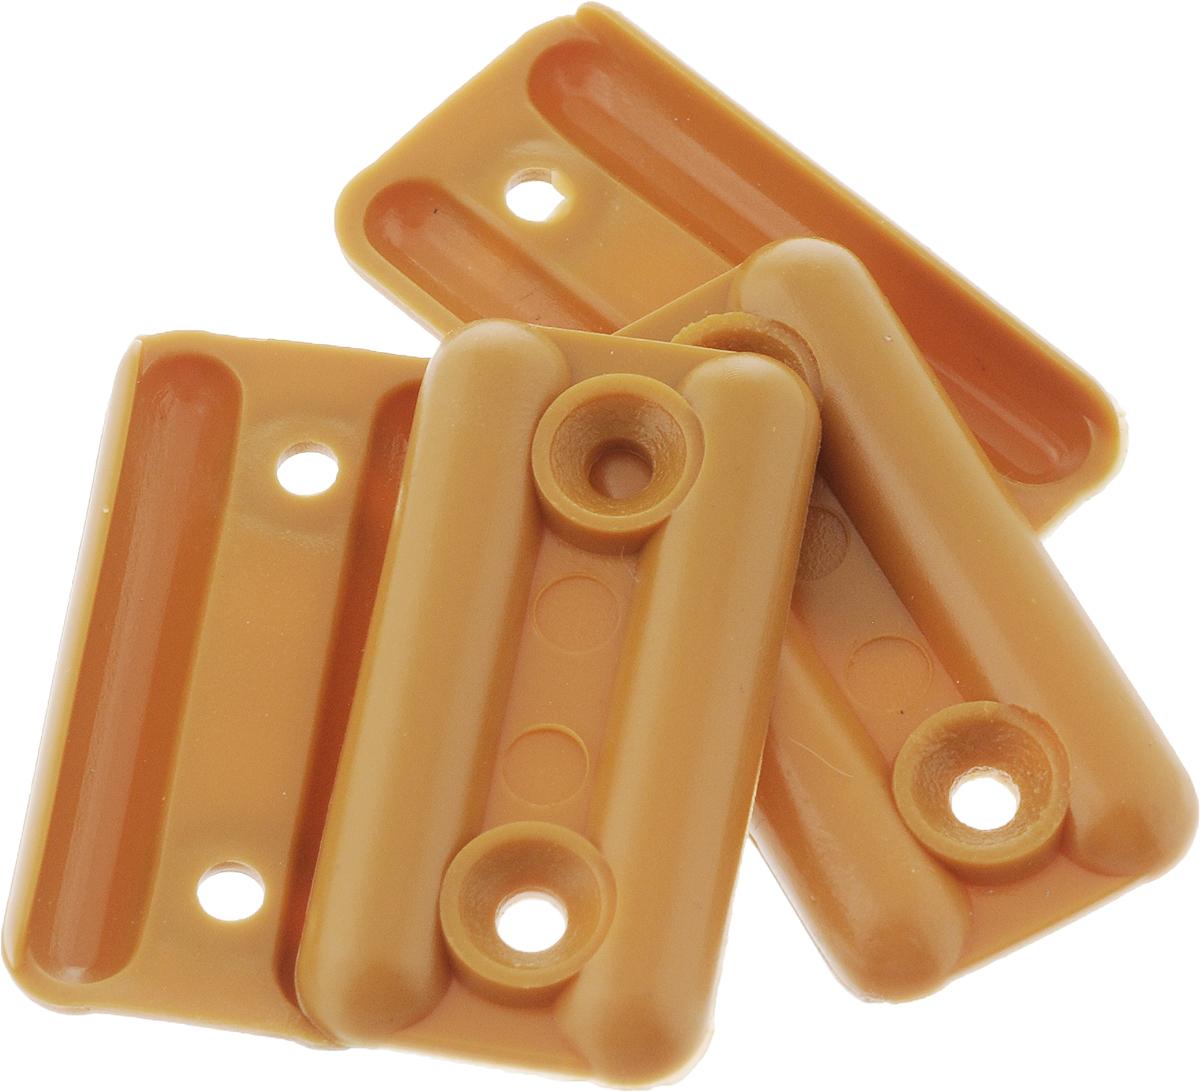 Подпятник для мебели Tech-KREP, цвет: сосна, 4 шт127510Подпятник Tech-KREP изготовлен из прочного пластика. Подпятник применяется для ножек габаритных предметов мебели, конструкции которых имеют большой вес. Благодаря подпятнику удается подкорректировать уровень установки и монтажа мебели. Изделие фиксируется на нижних торцах боковых стенок шкафов, комодов, больших тумб с габаритным весом. Размер: 3,5 х 1,8 см.